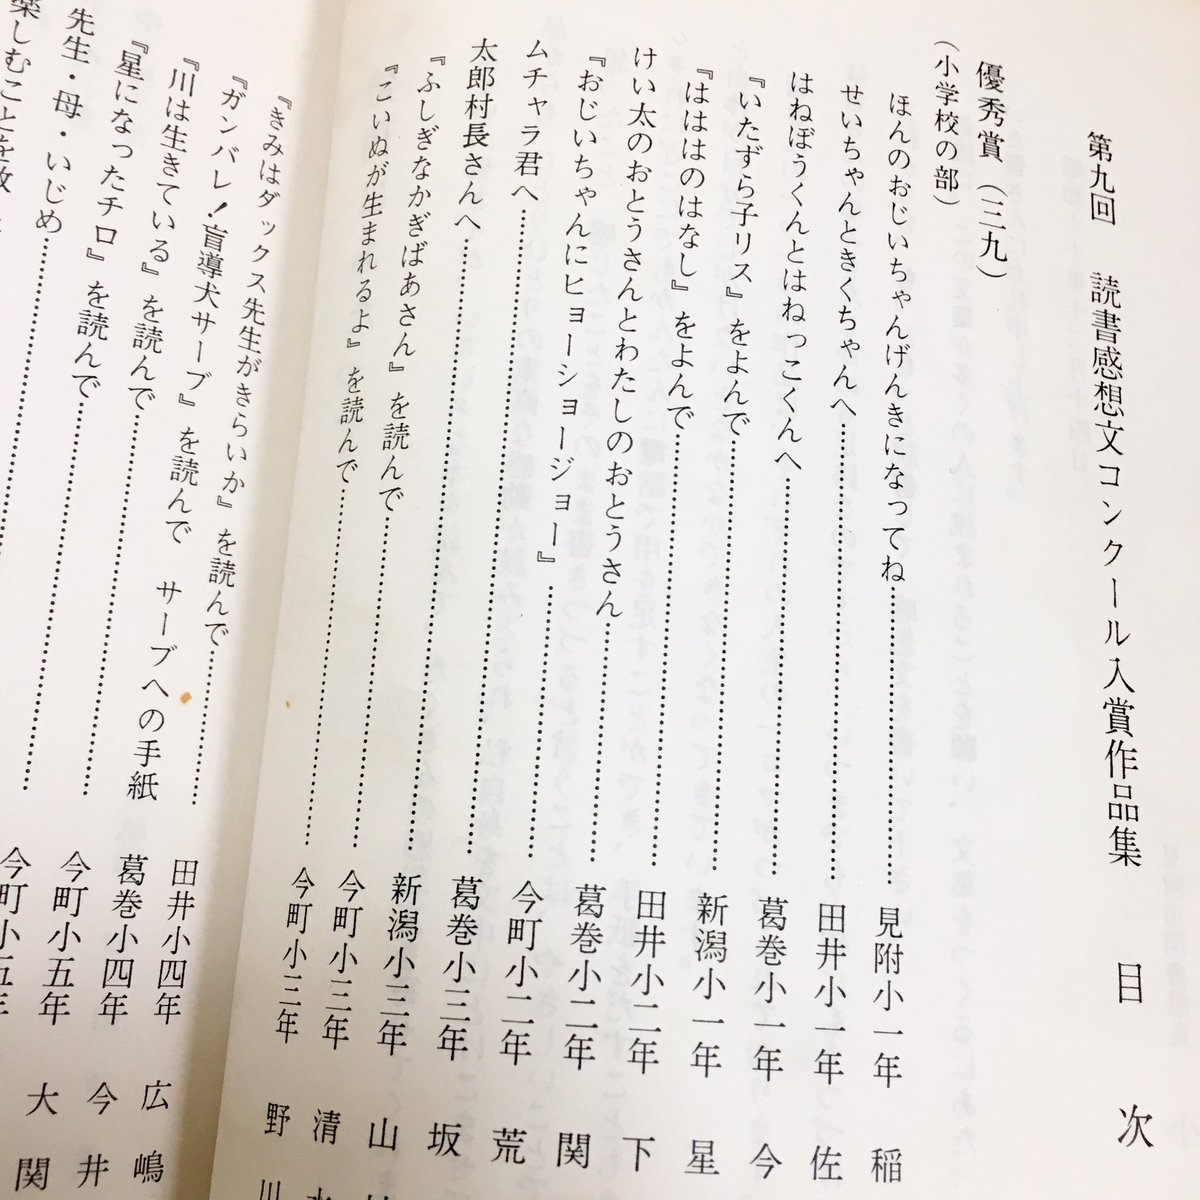 金賞 文 小学生 読書 感想